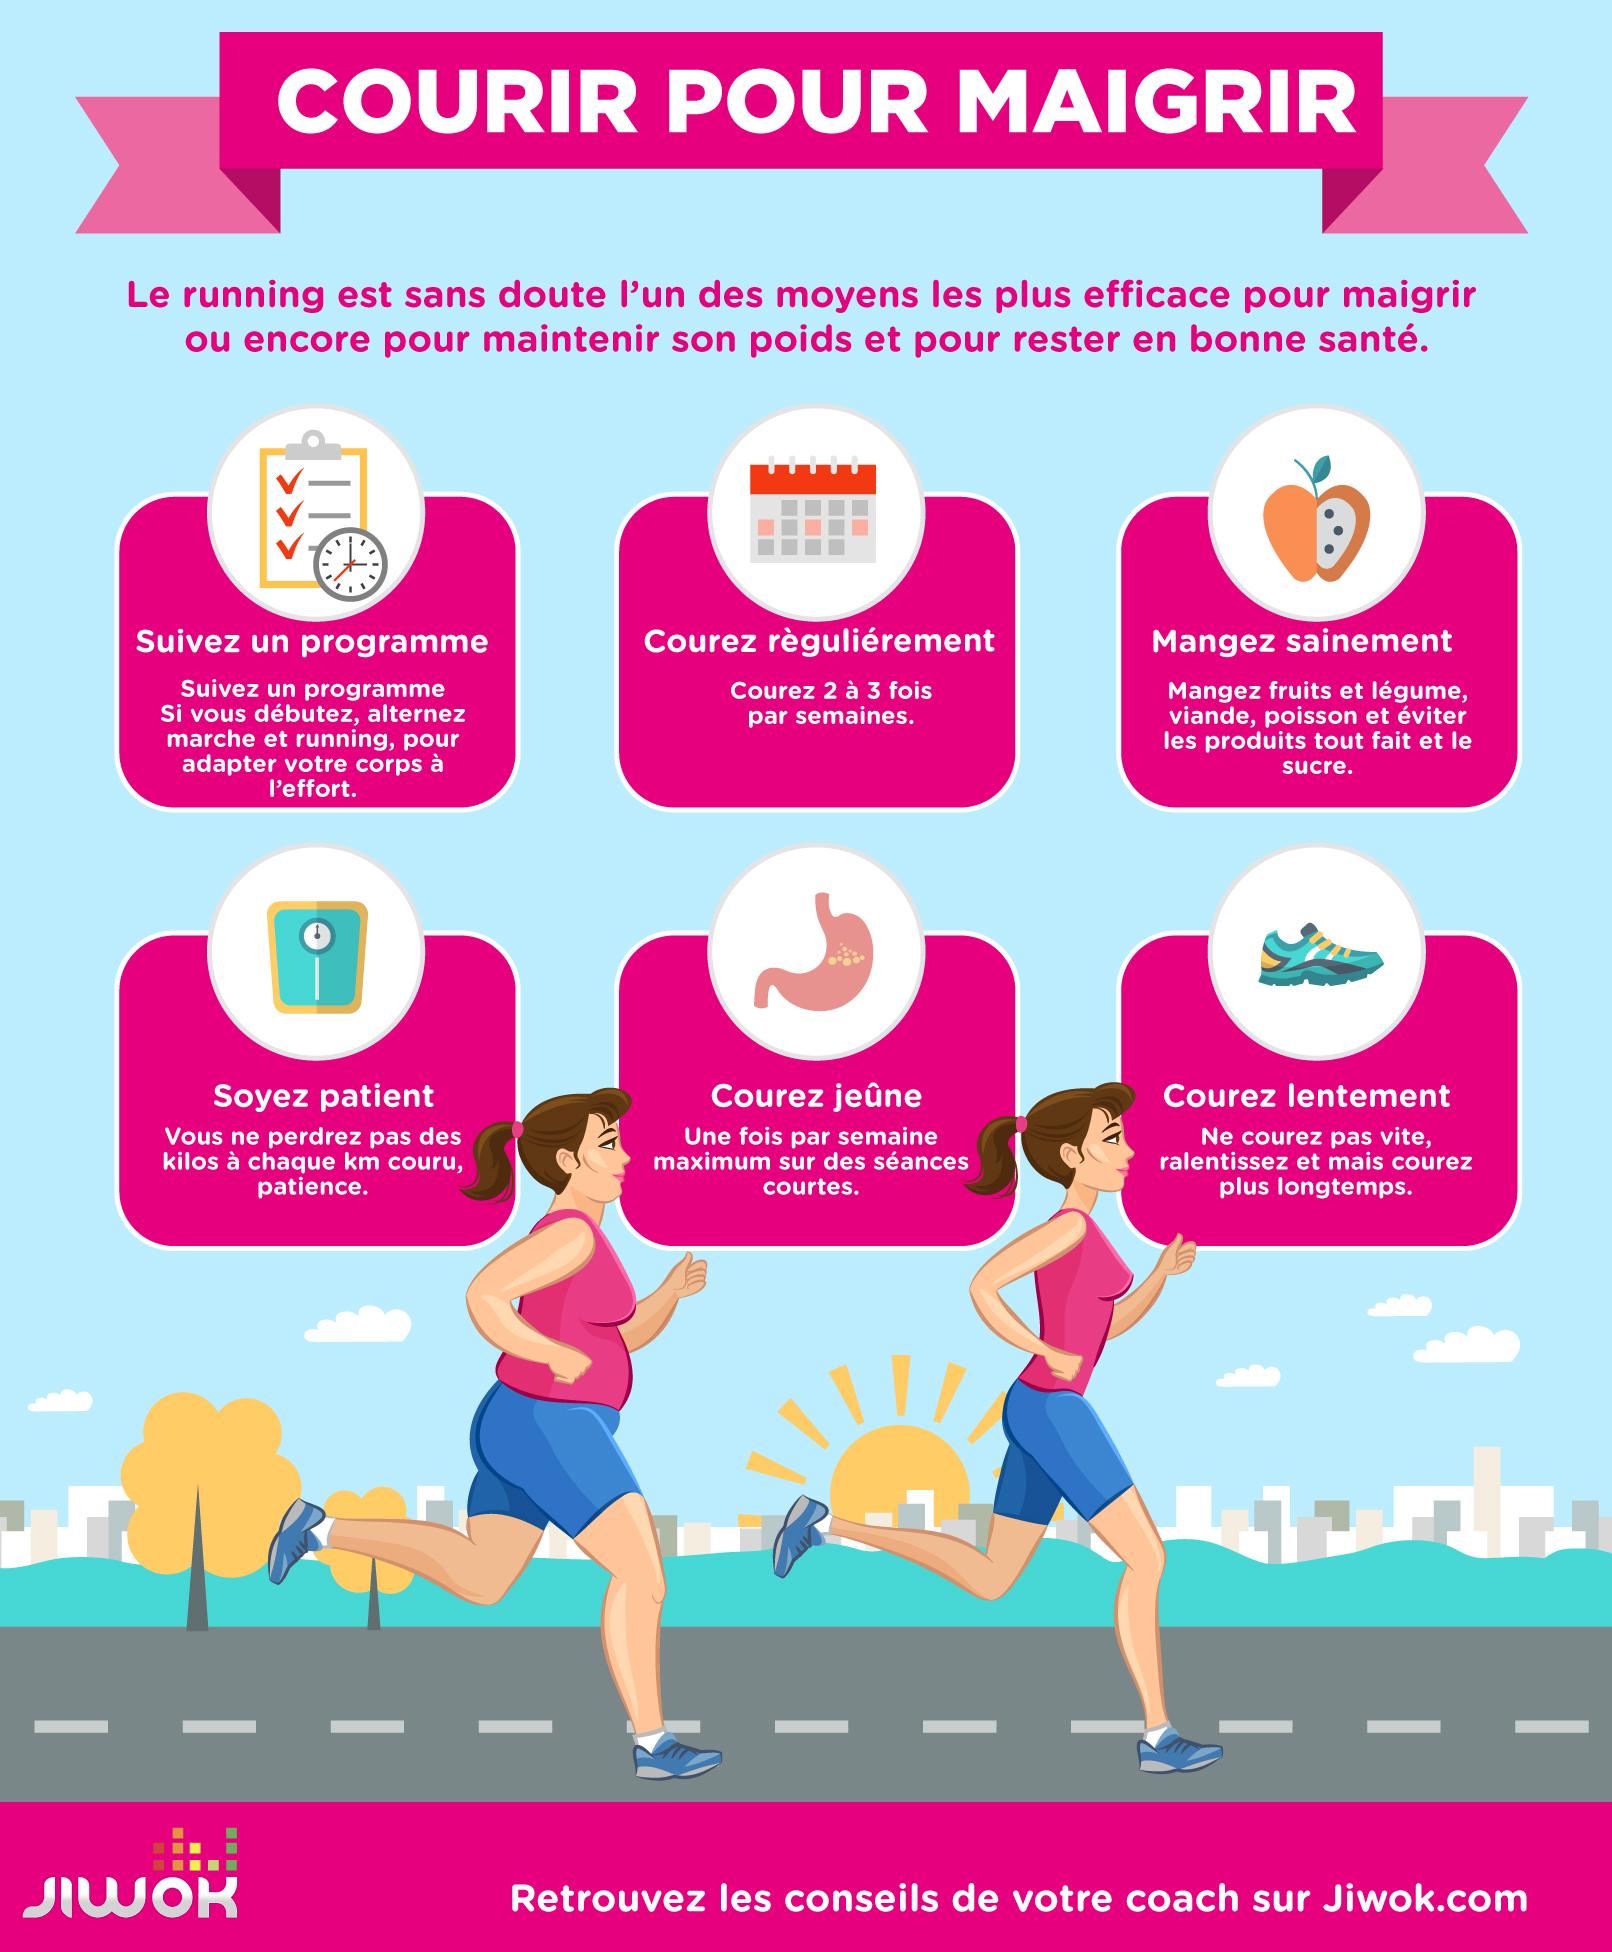 pouvez-vous manger plus et perdre du poids